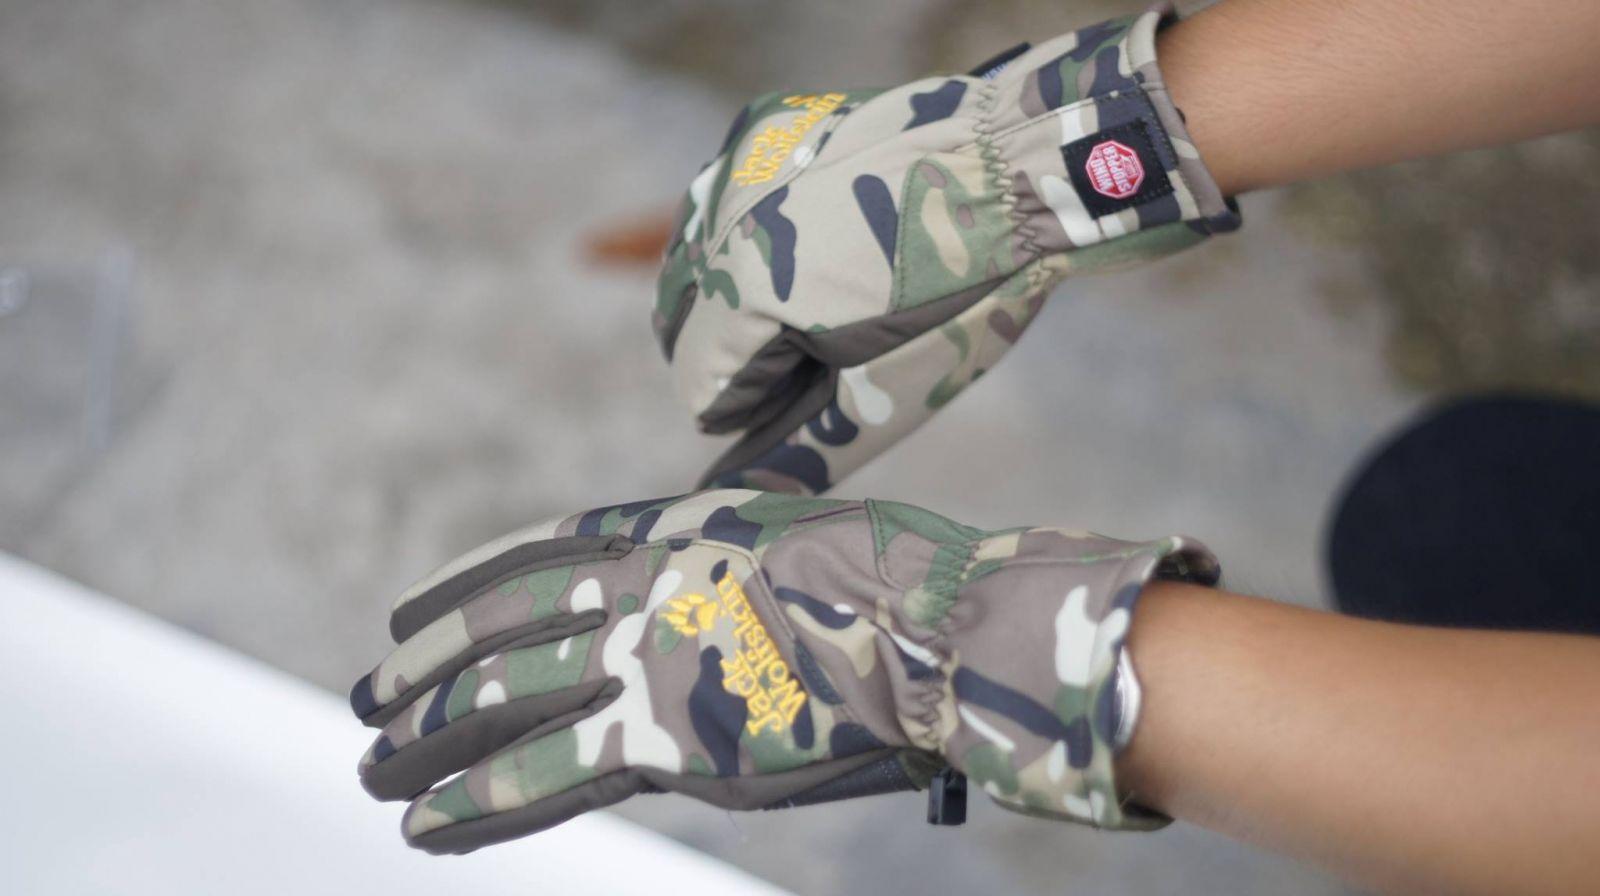 Găng tay chống nước Jack Wolfskin